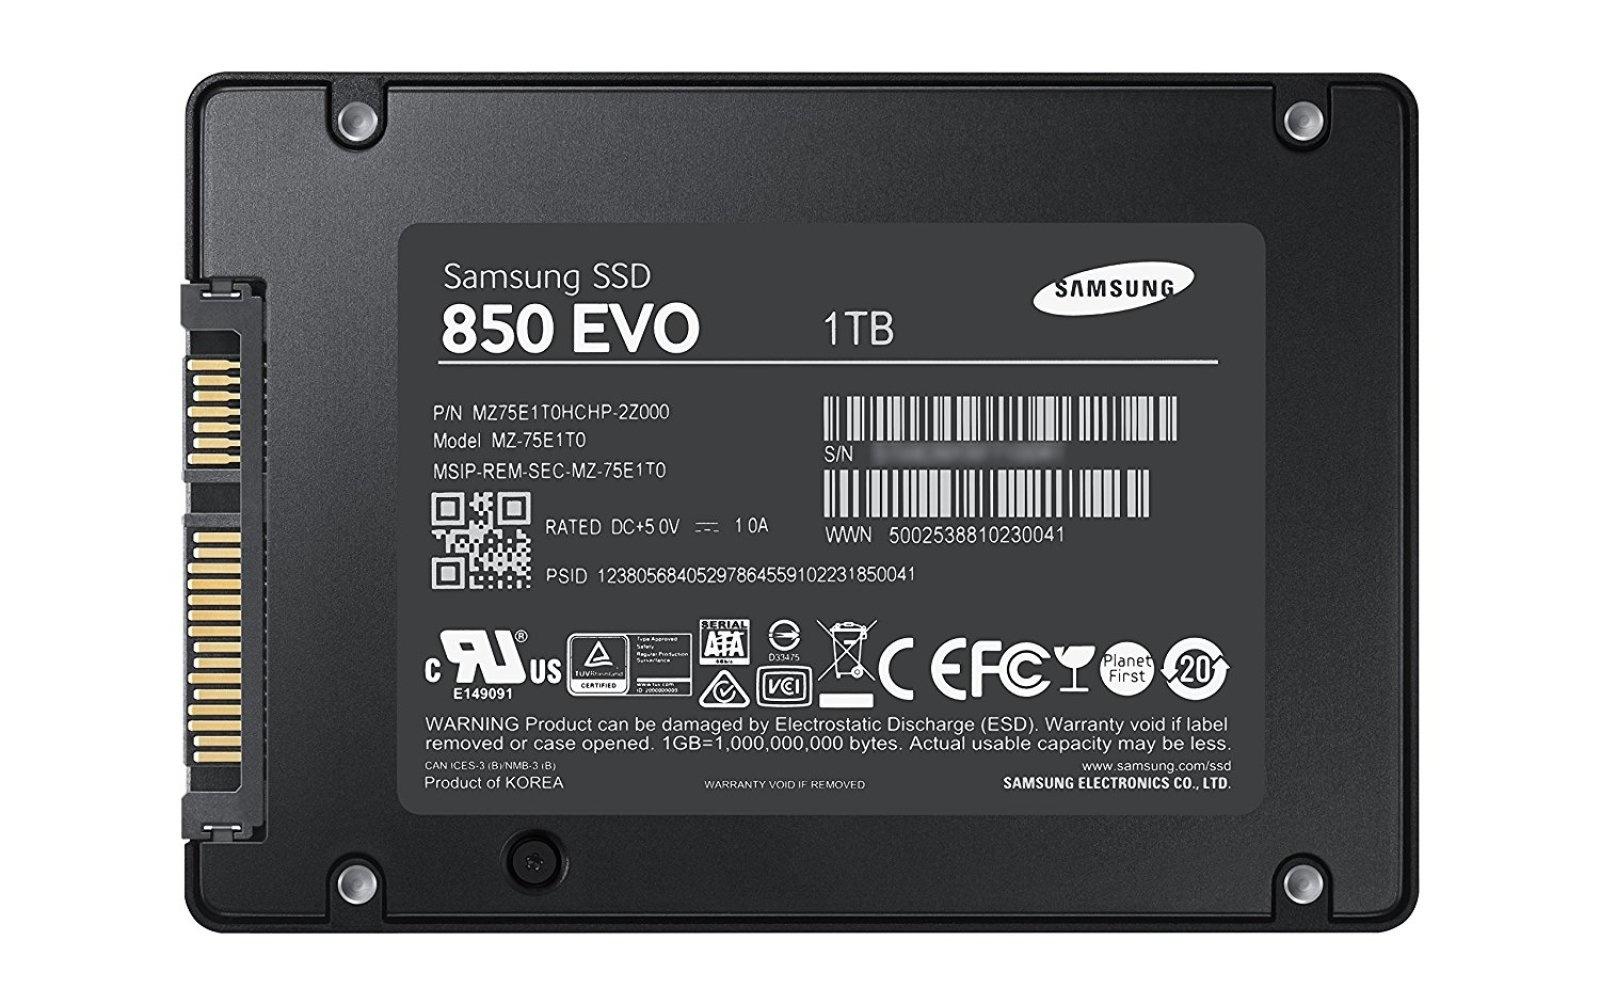 Уязвимости SSD с аппаратным шифрованием позволяют злоумышленникам легко обходить защитные меры - 1